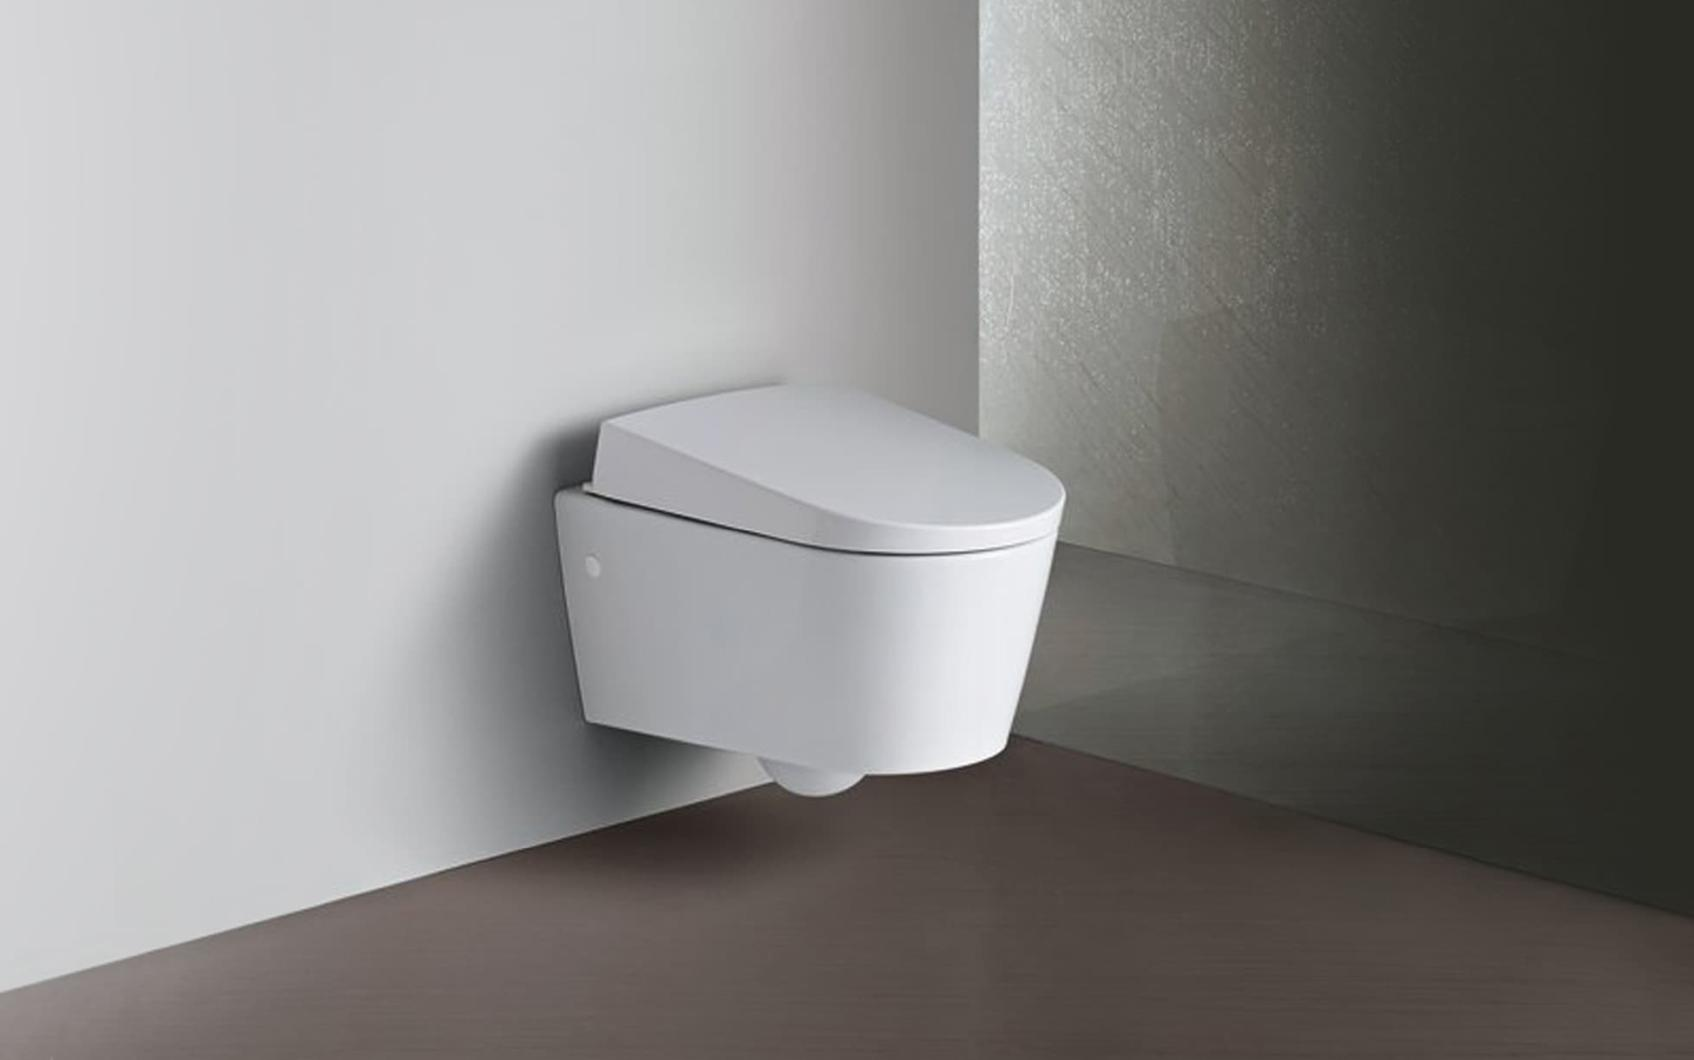 Toaleta Myjaca Top 6 Najlepszych Propozycji Zobacz Nasz